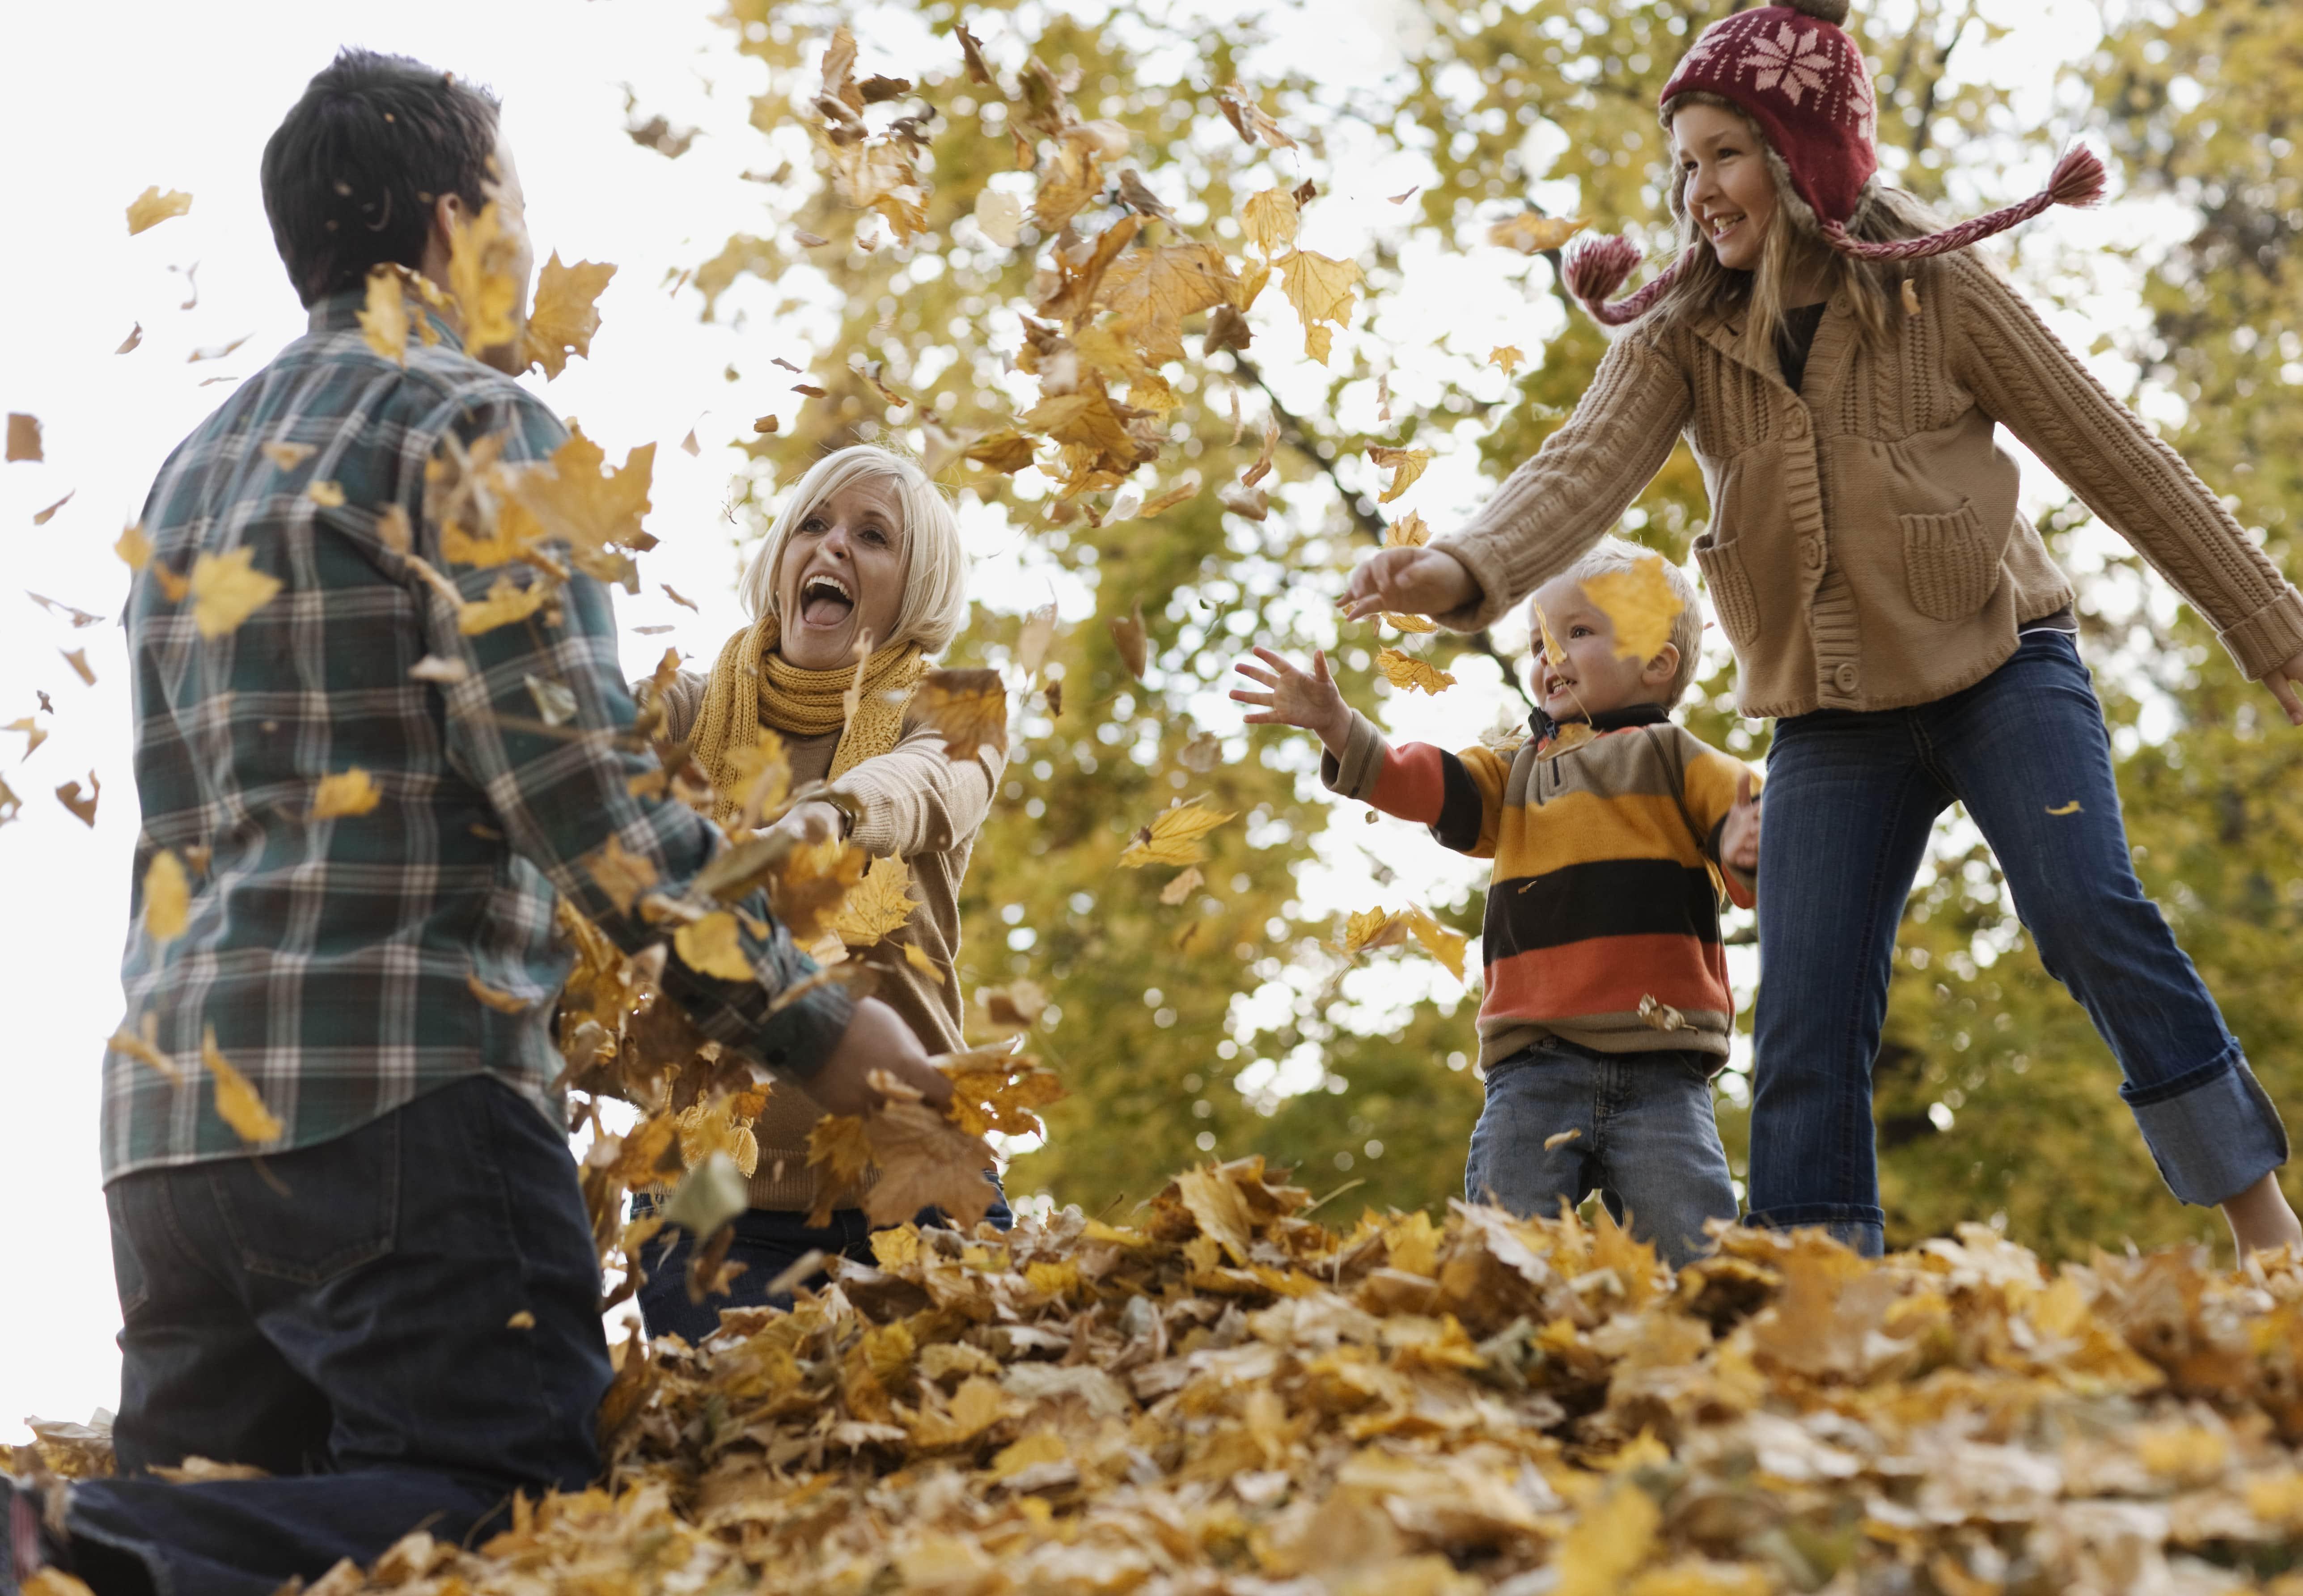 Familie spielt mit Laub im Wald